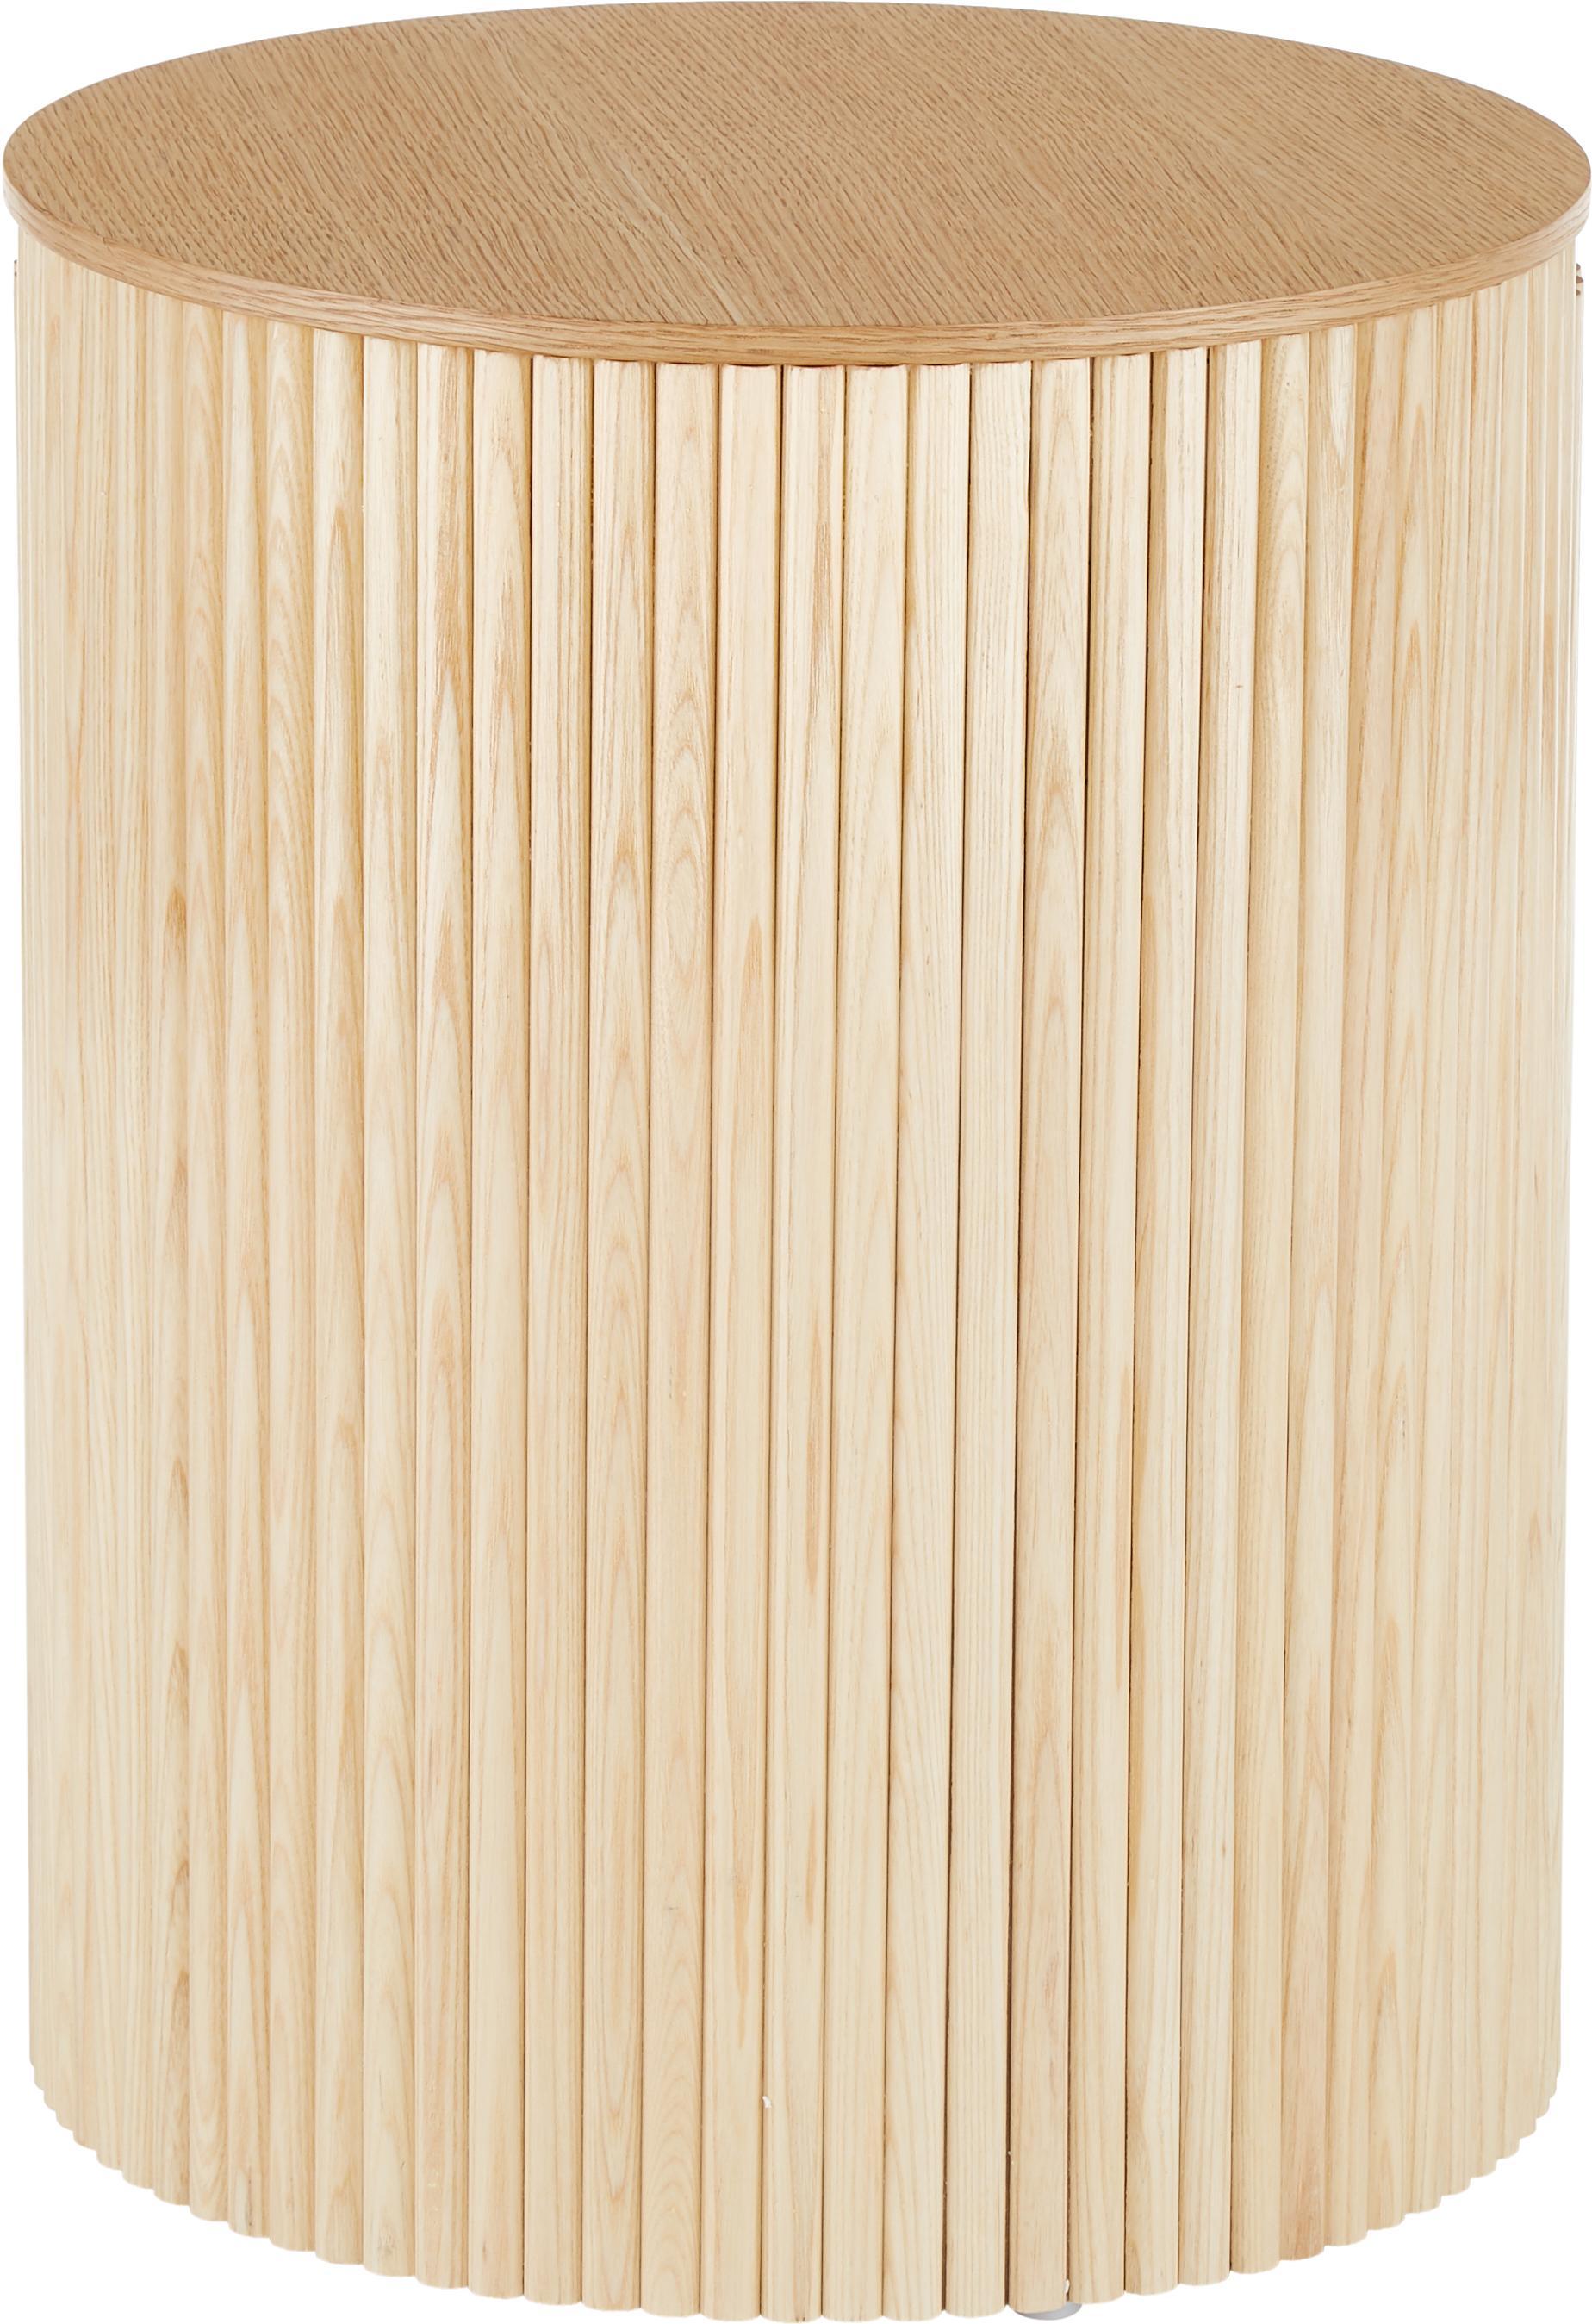 Mesa auxiliar Nele, con función de almacenamiento, Tablero de fibras de densidad media(MDF) chapado en madera de fresno, Chapa de fresno, Ø 40 x Al 51 cm